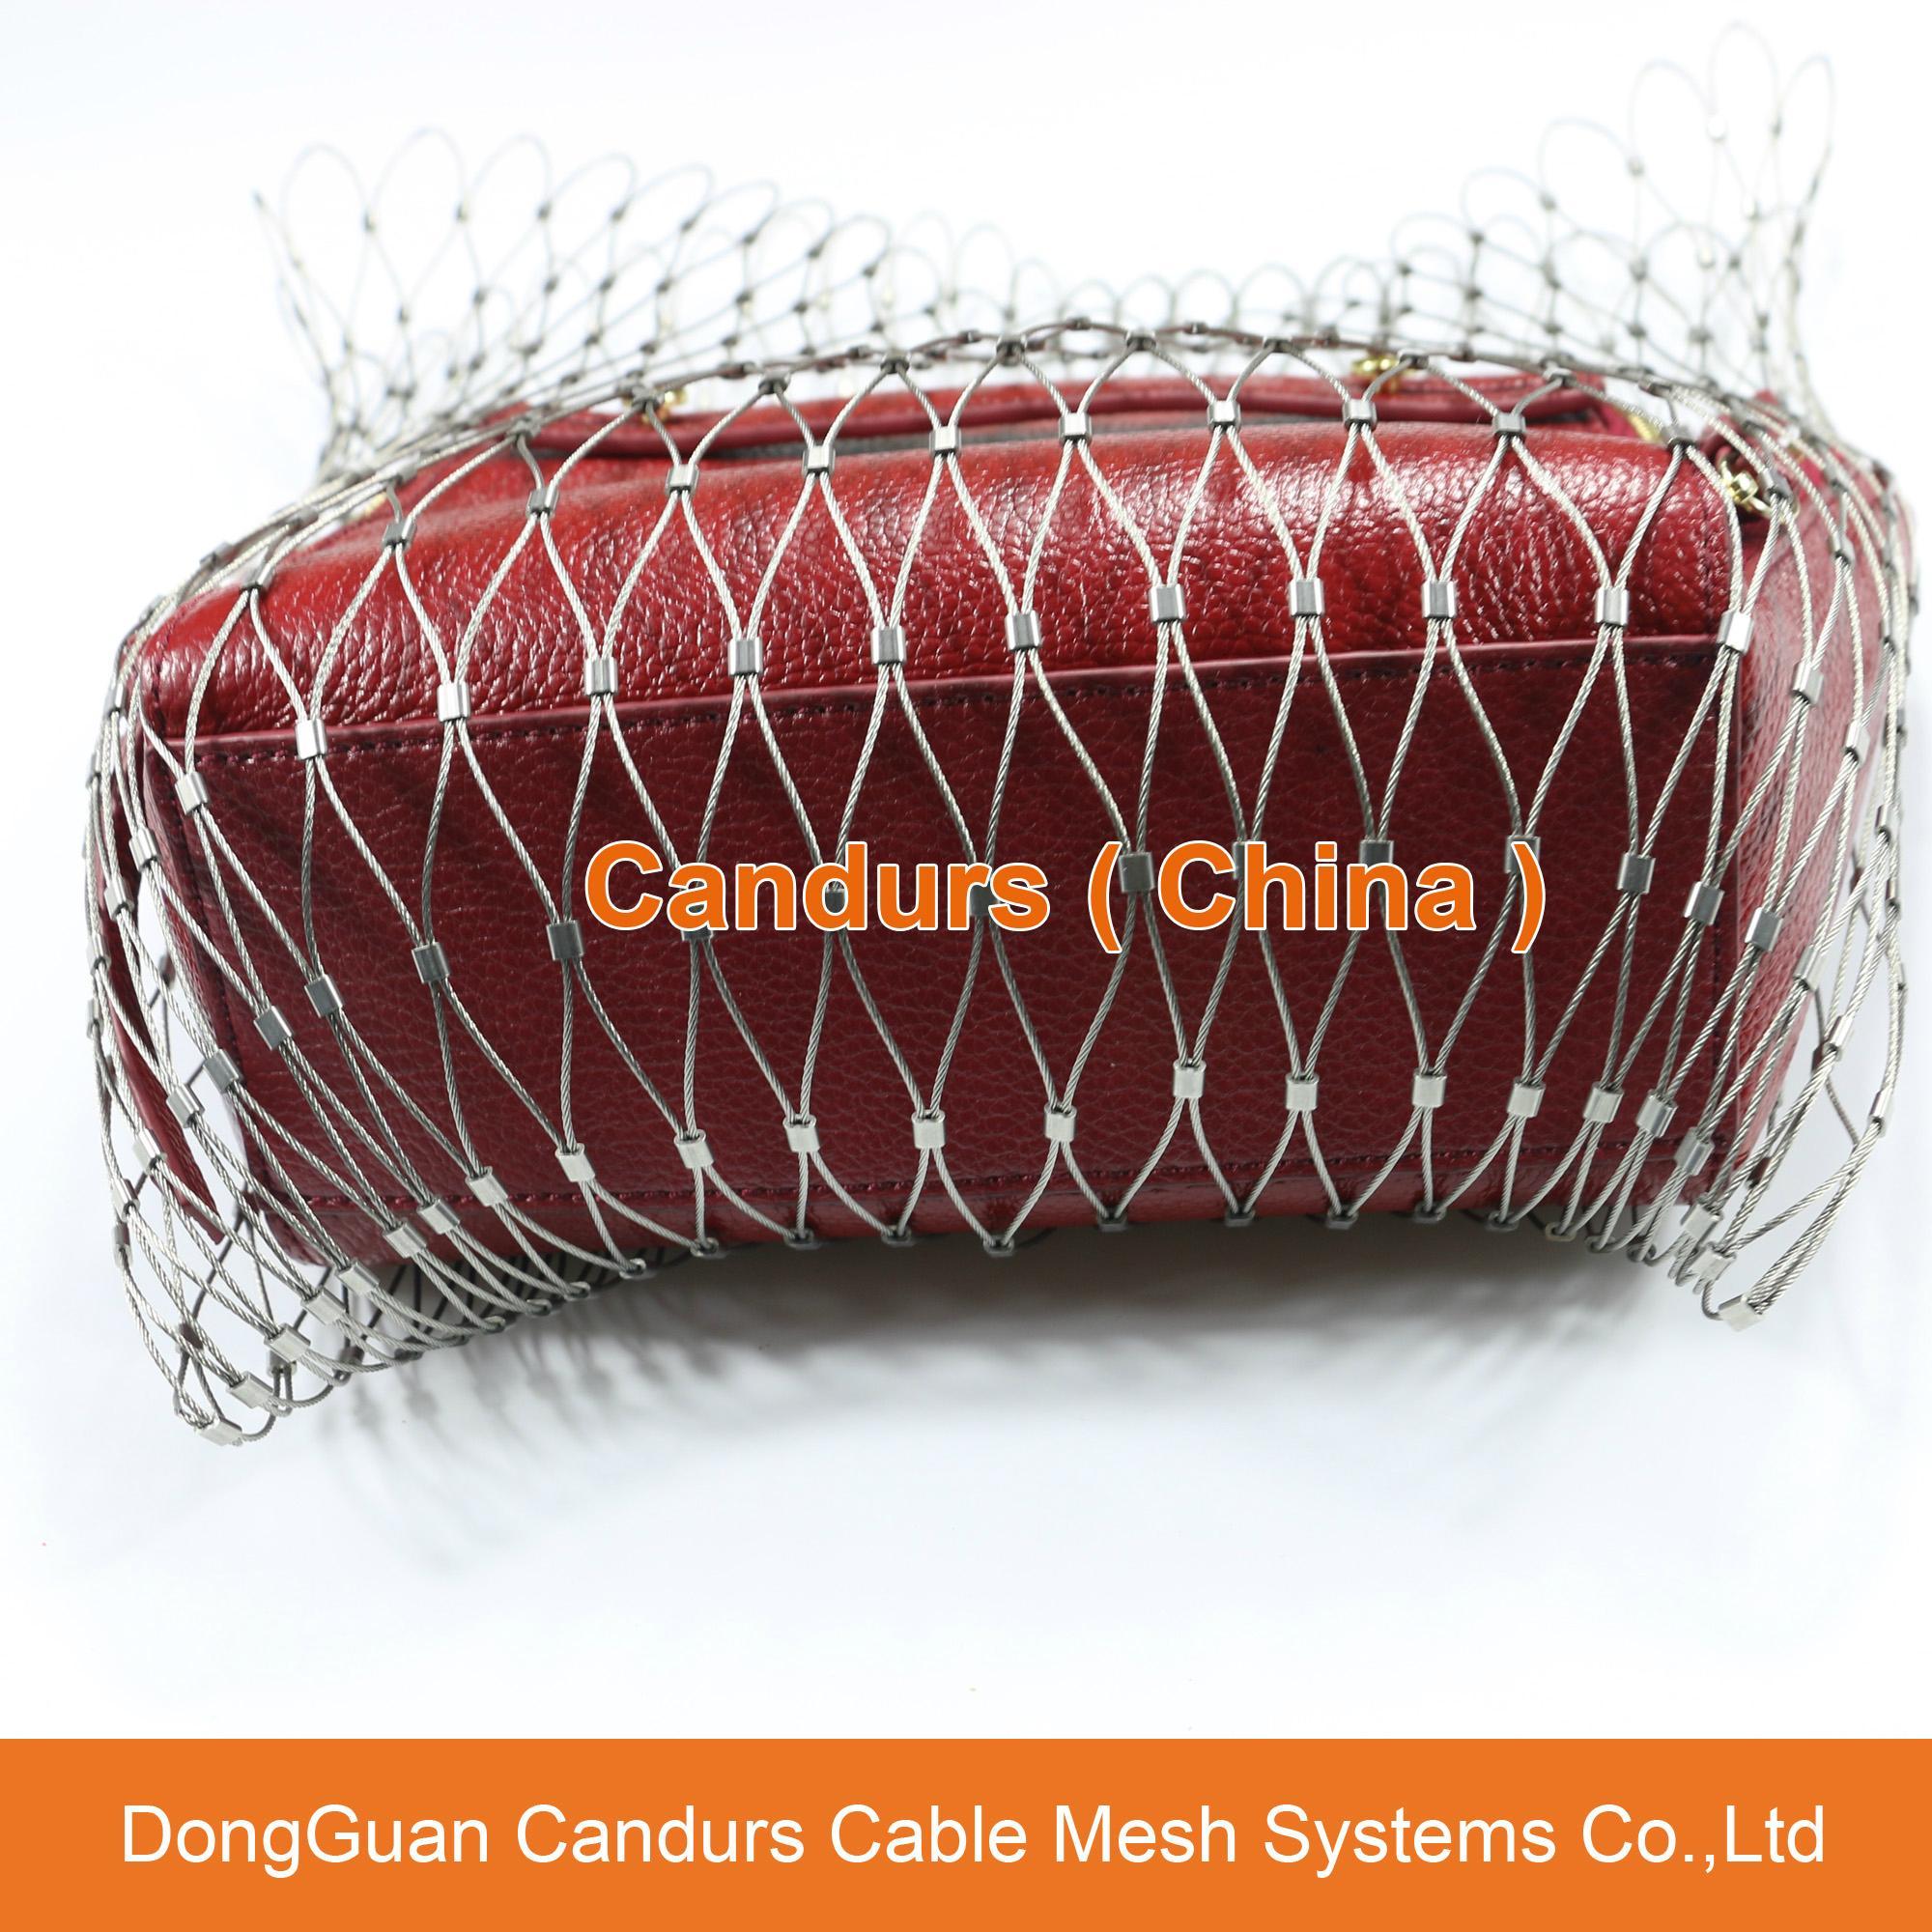 不鏽鋼絲繩外牆裝飾網 19